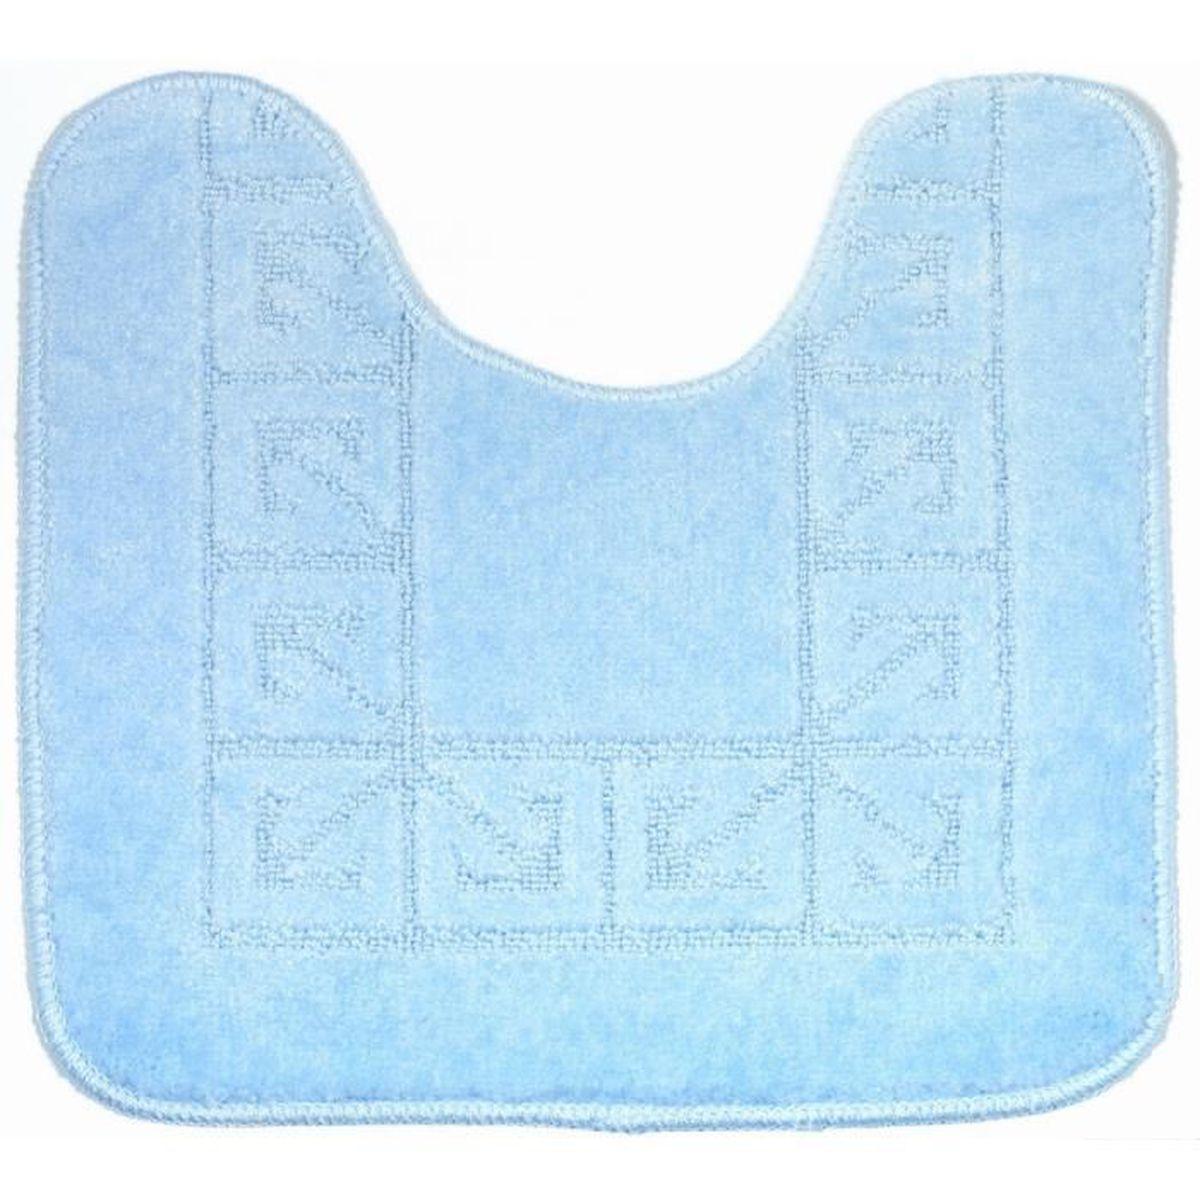 tapis de bain pacific contour wc bleu clair achat. Black Bedroom Furniture Sets. Home Design Ideas